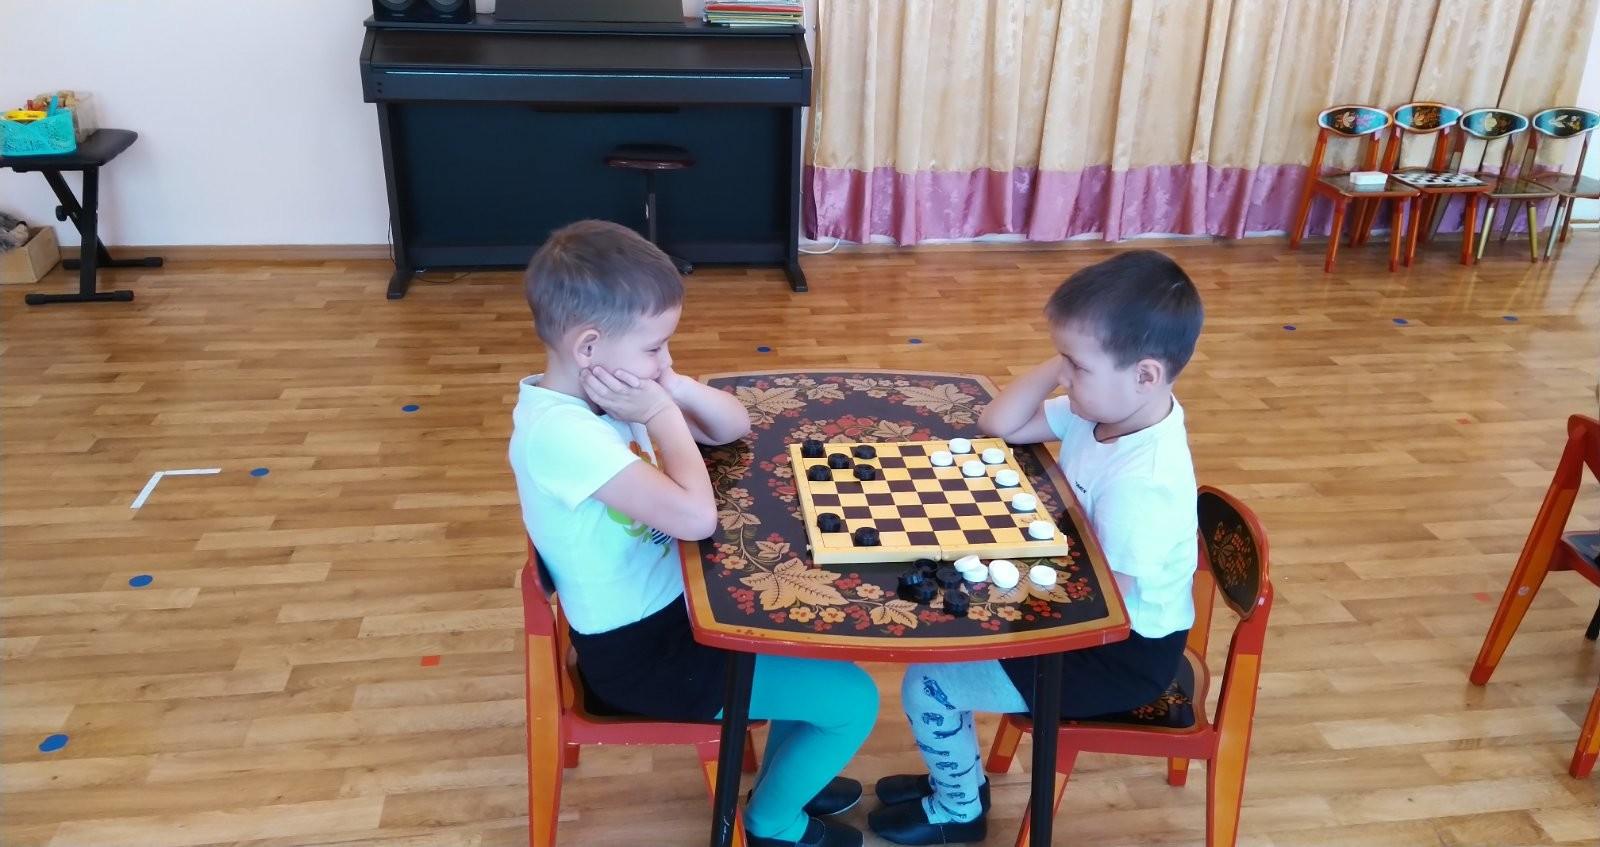 Юные спортсмены участвуют в турнире по шашкам.